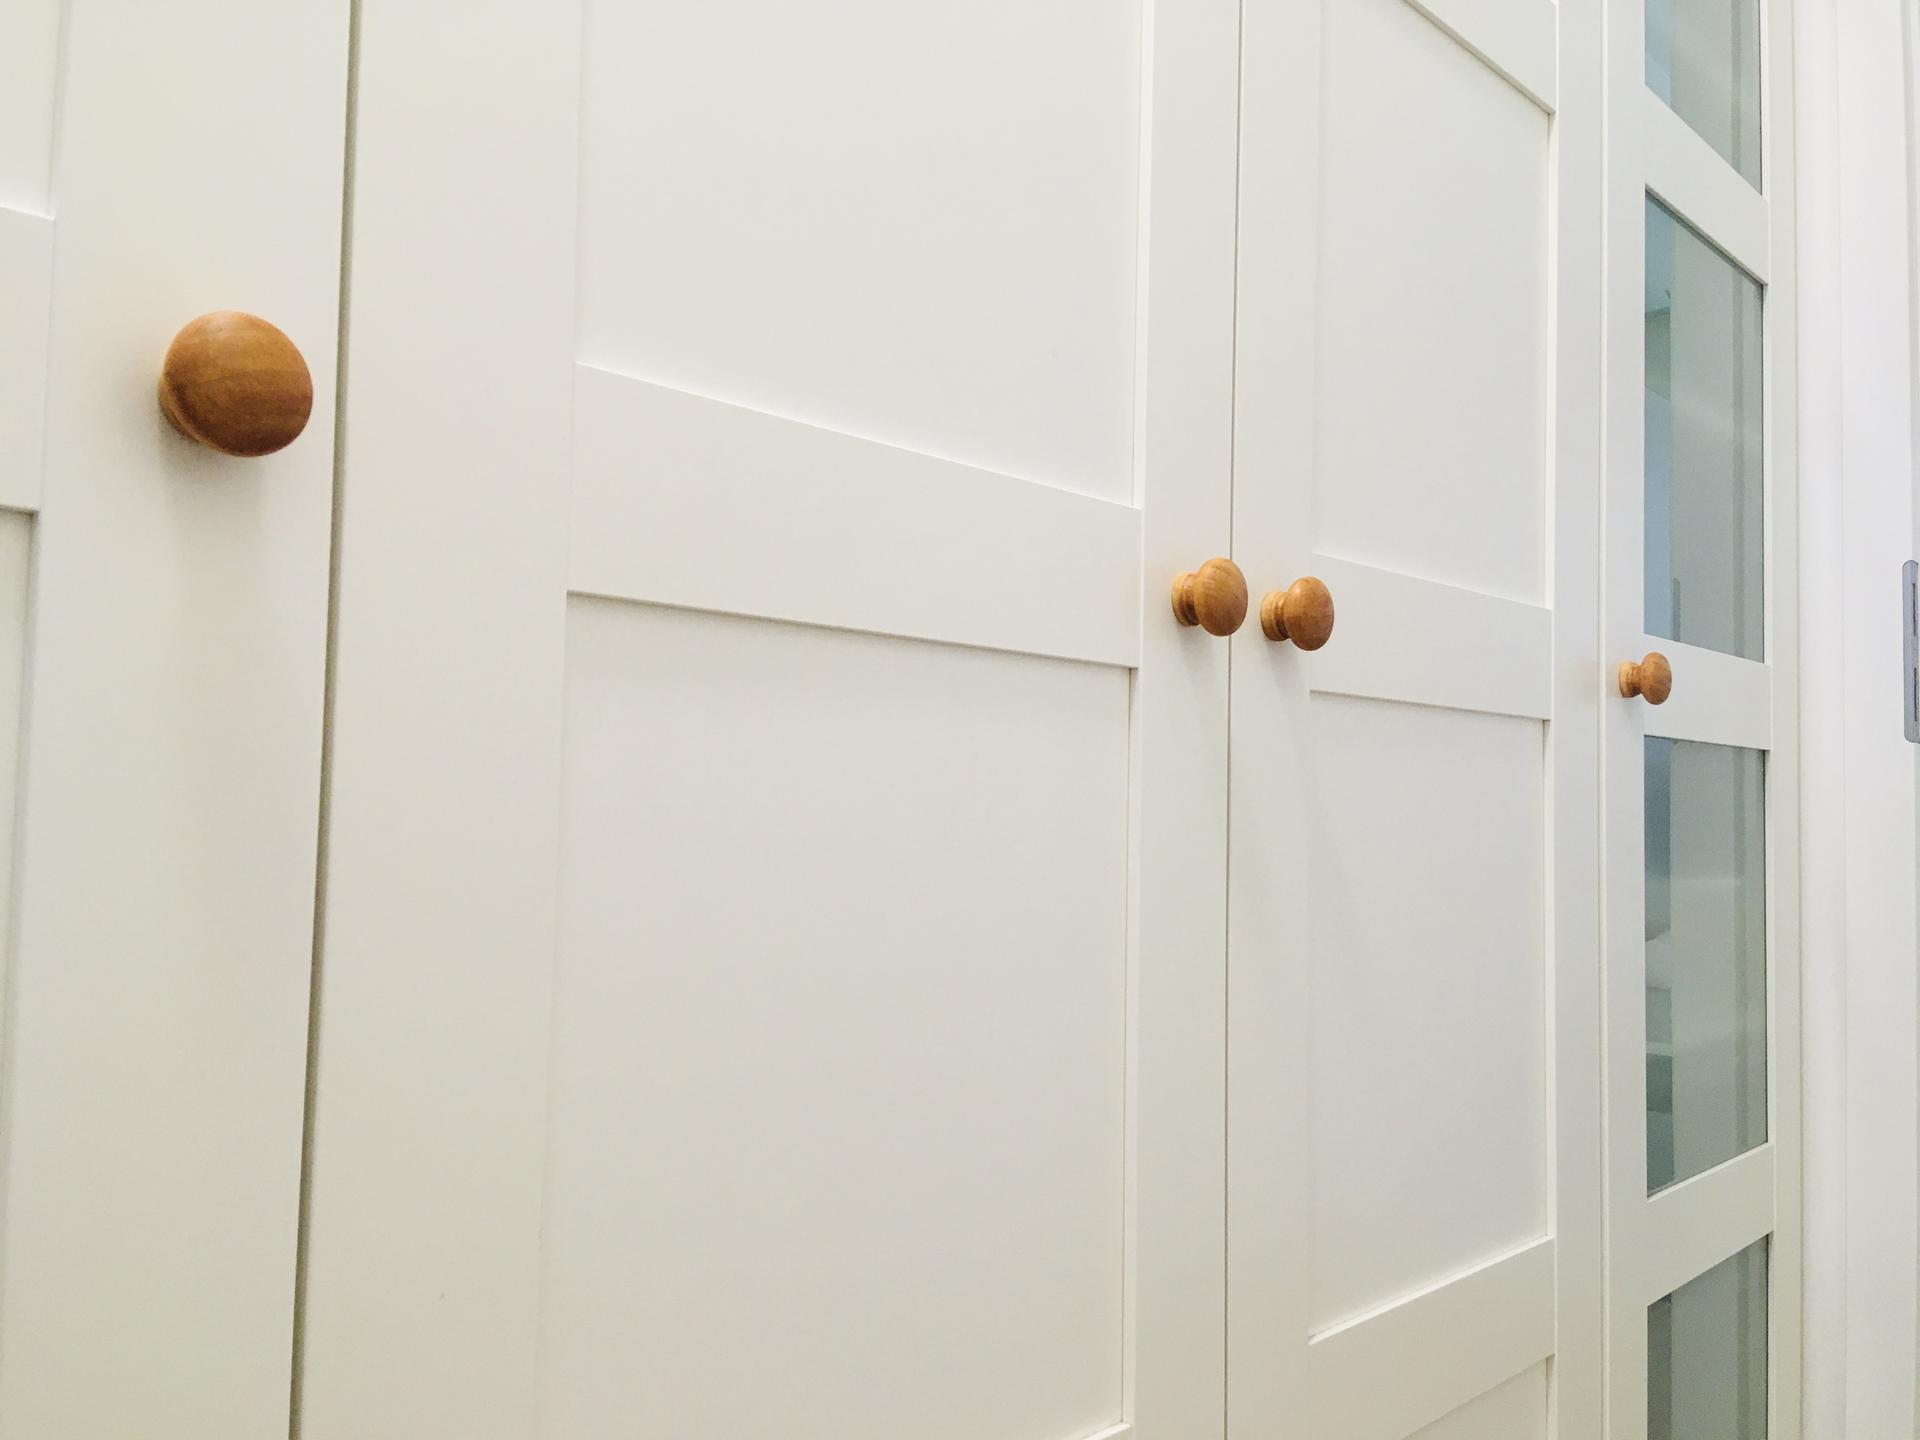 Za dveřmi - A ty samé použité jako úchytky na skříně v chodbě.